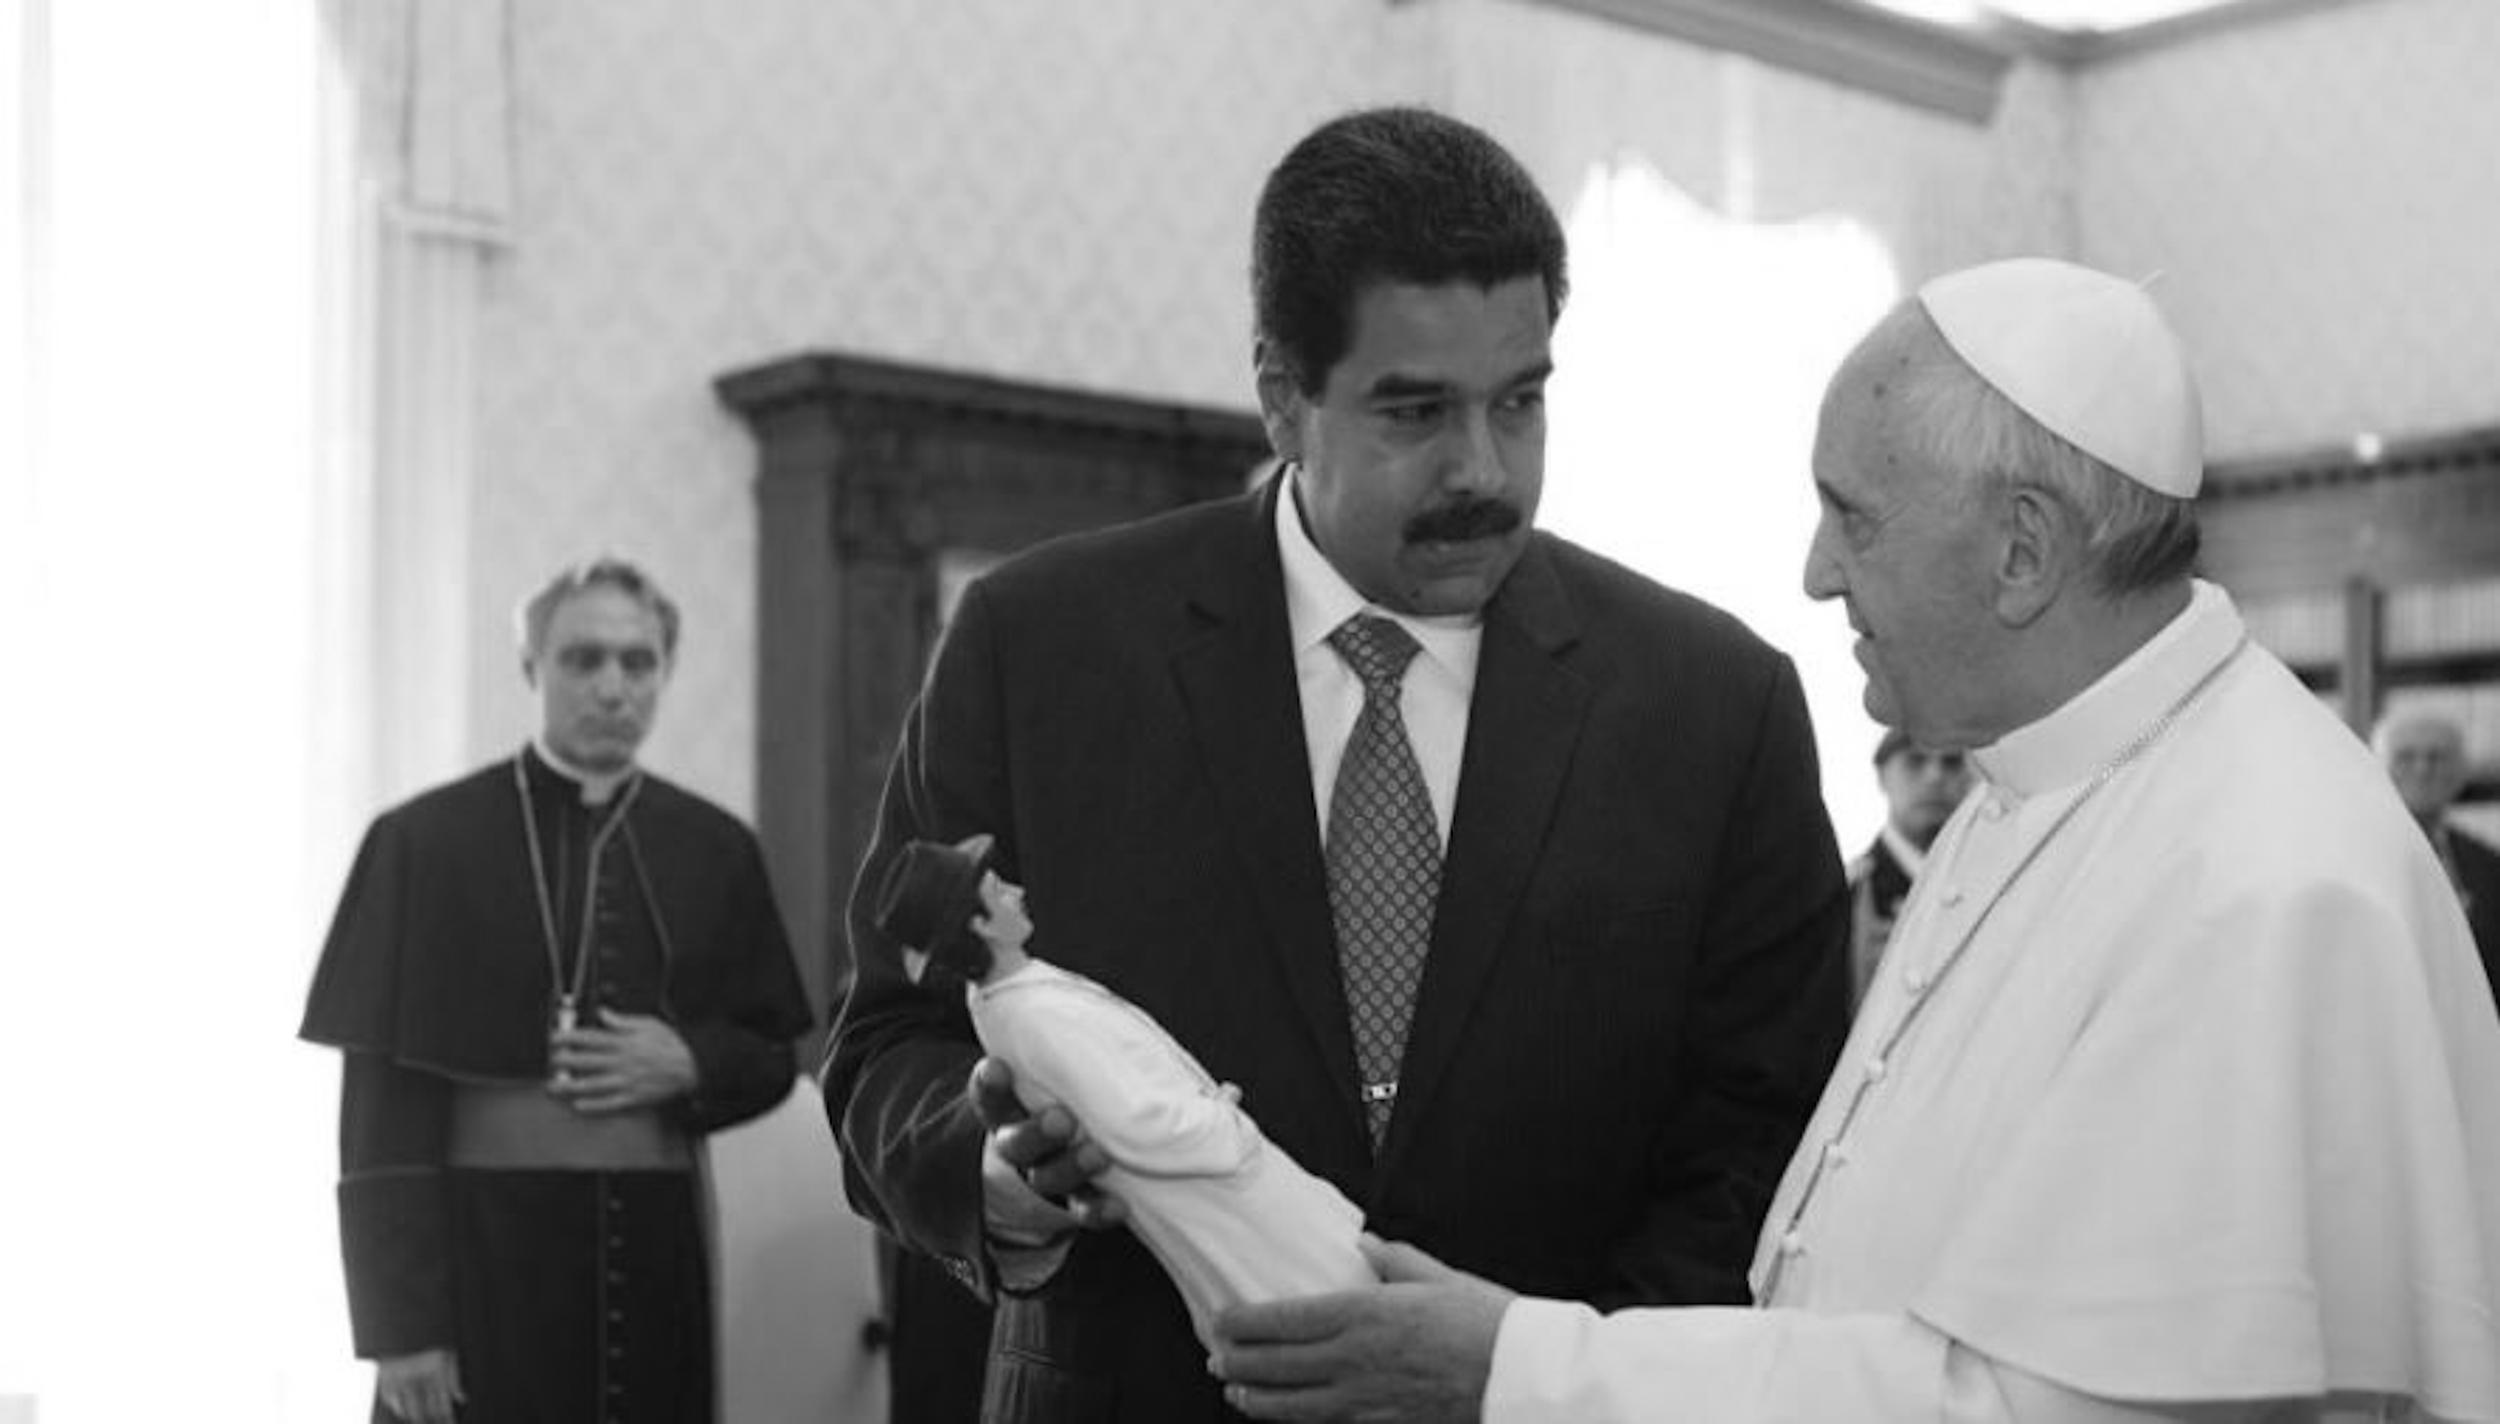 Presidente Maduro celebra aprobación de milagro de José Gregorio Hernández por parte del Vaticano